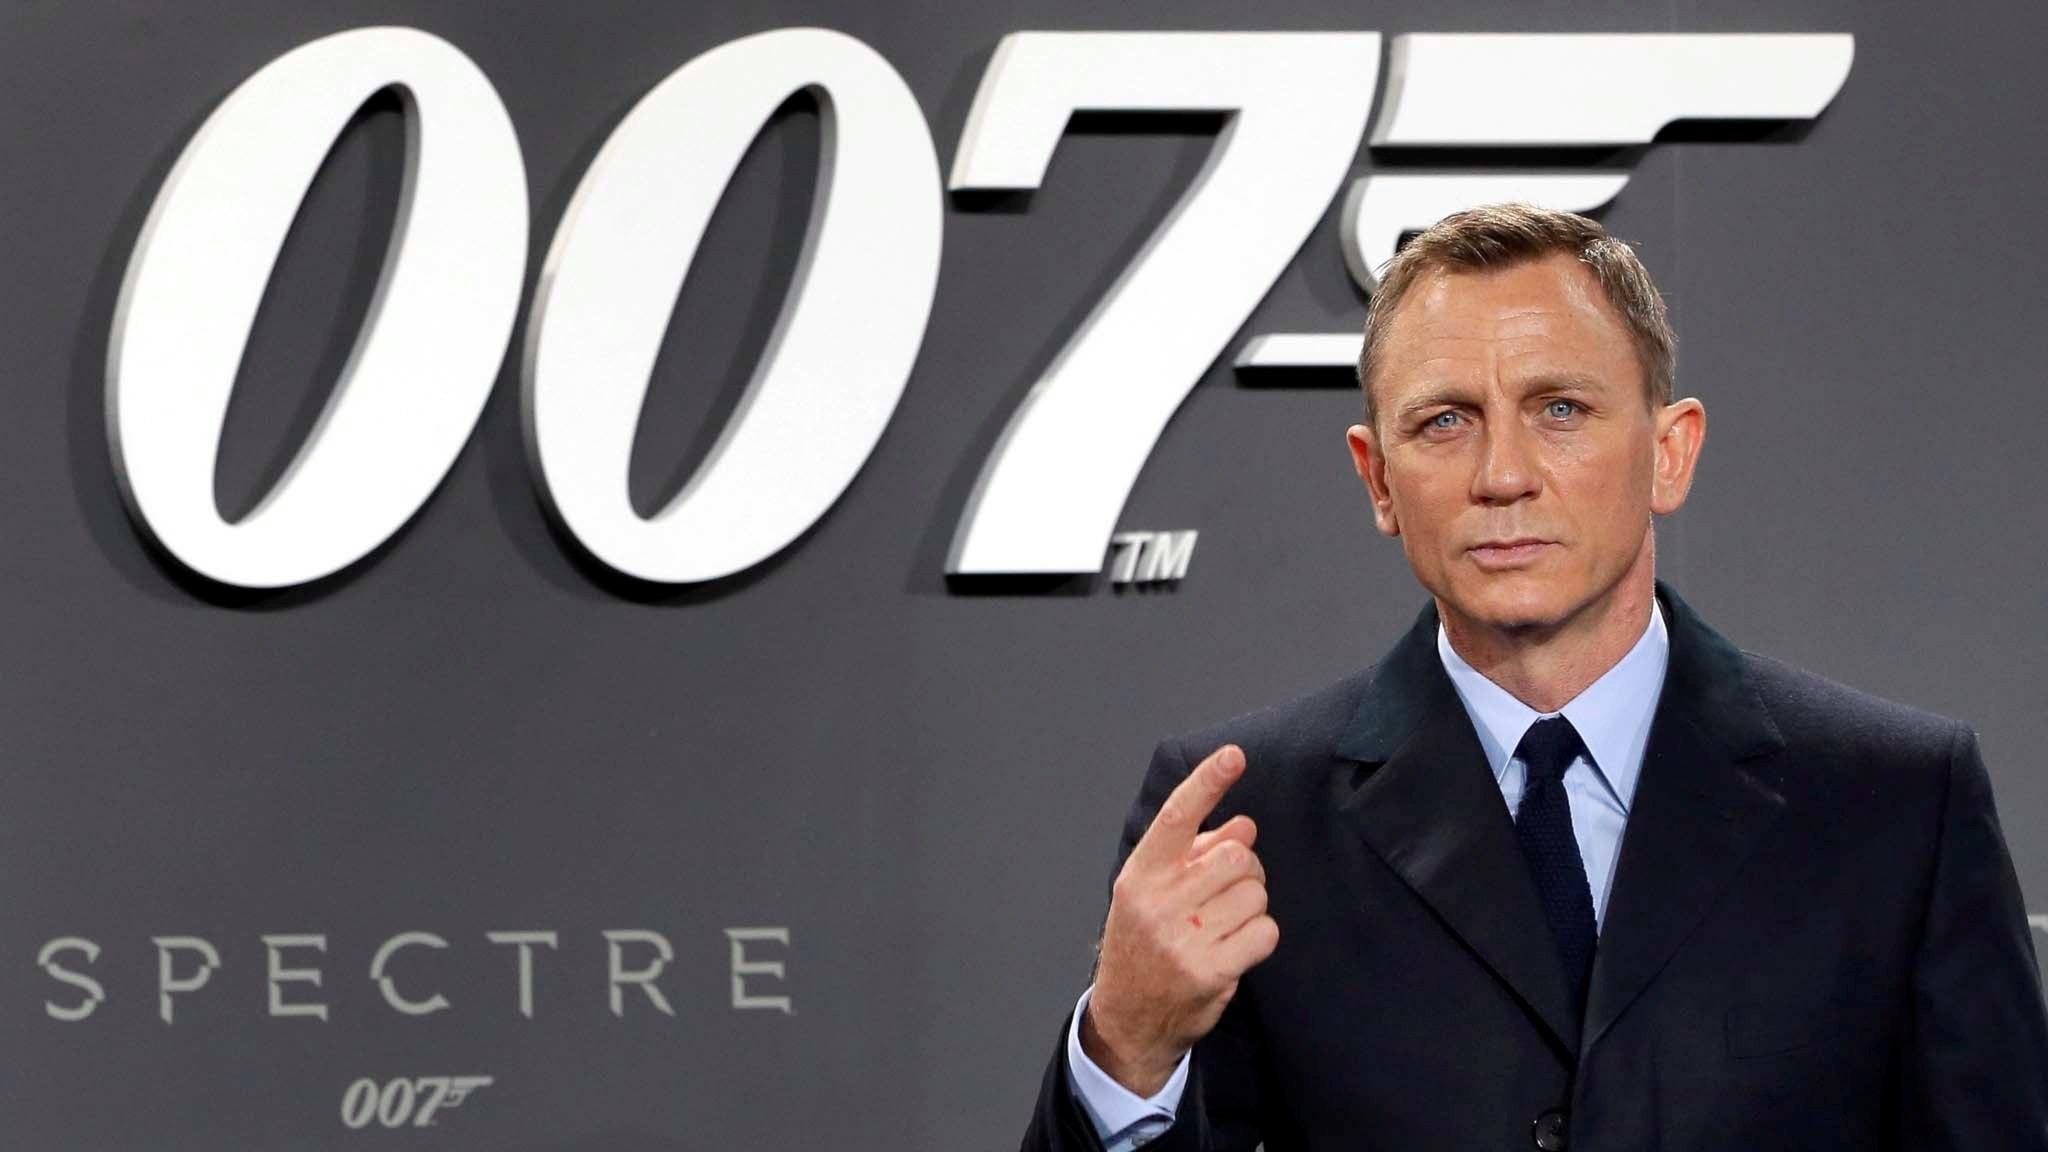 V 44 Vi är här och Bond är tillbaka